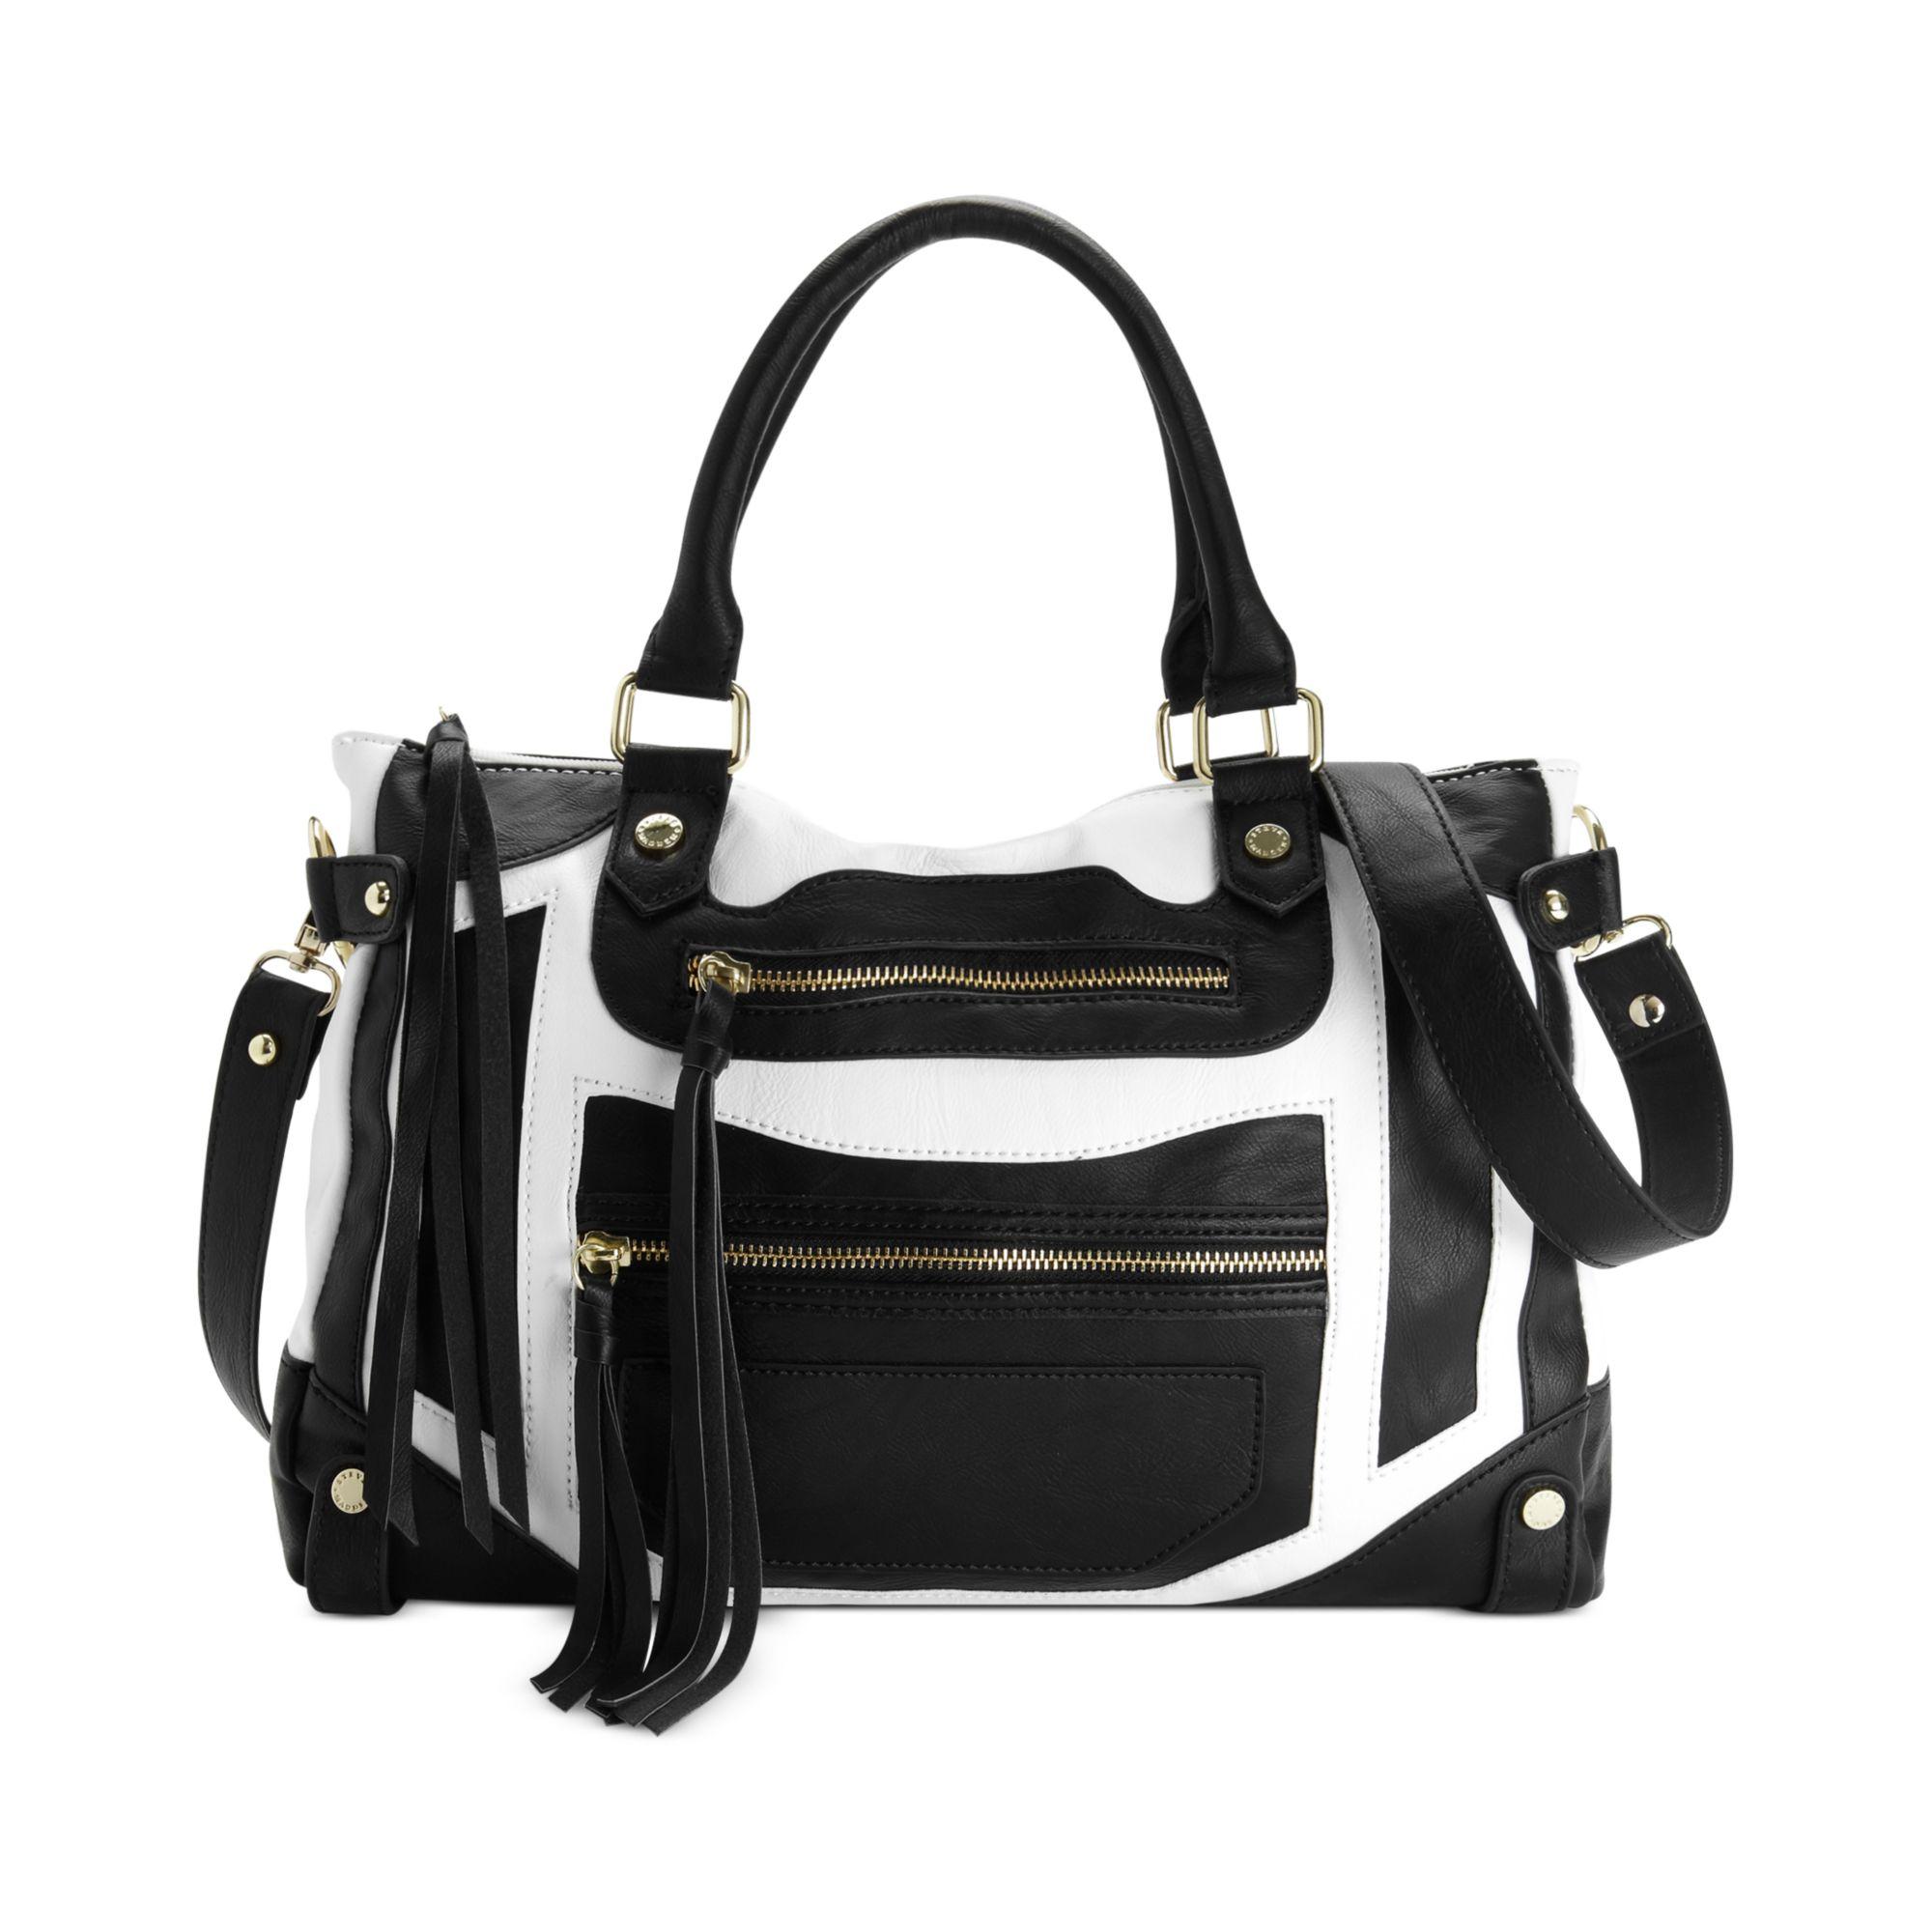 72ea848735 Steve Madden Black Satchel Handbag - Best Handbag In 2018